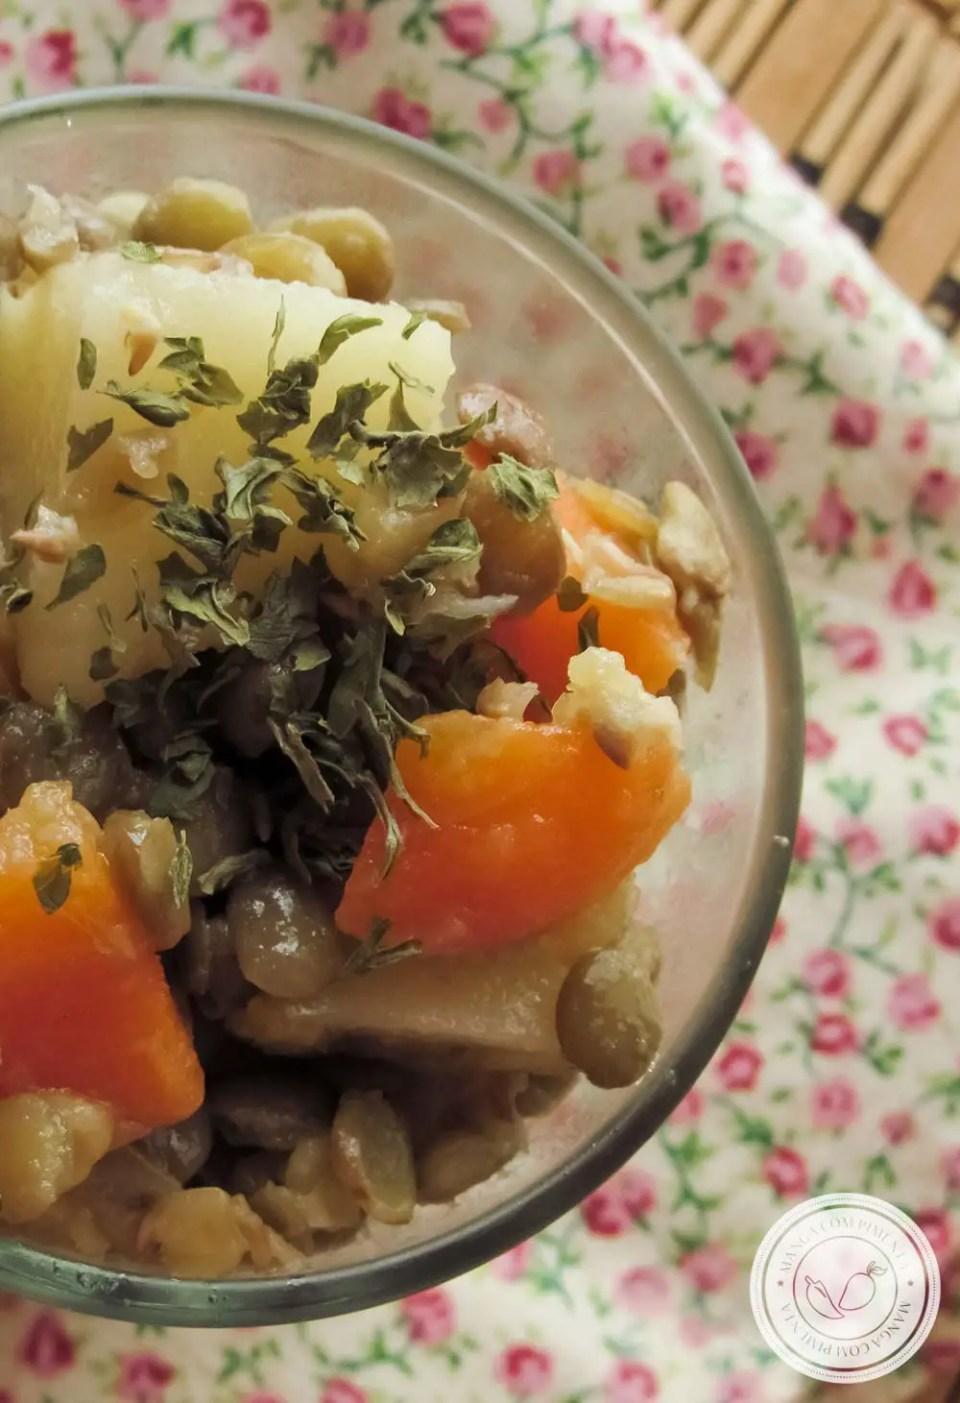 Receita de Salada de Lentilha com Batata e Cenoura | Para servir nas ceias das festas de final de ano.